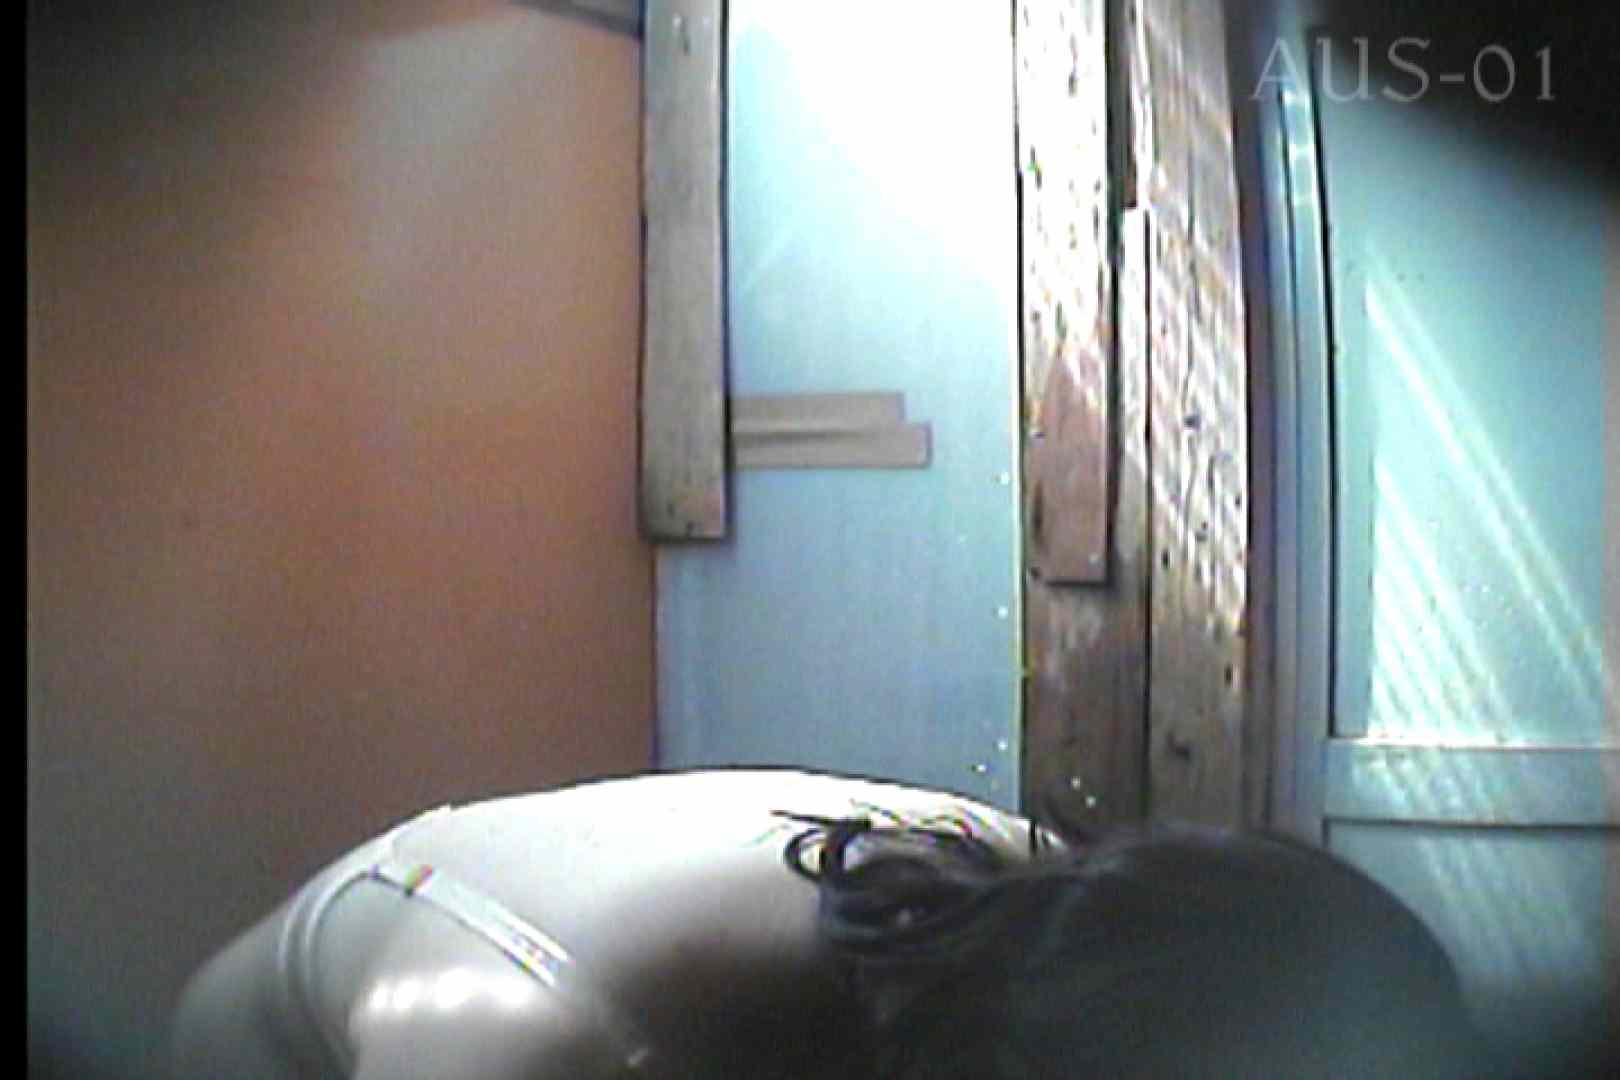 海の家の更衣室 Vol.03 美女 | 高画質  82画像 55